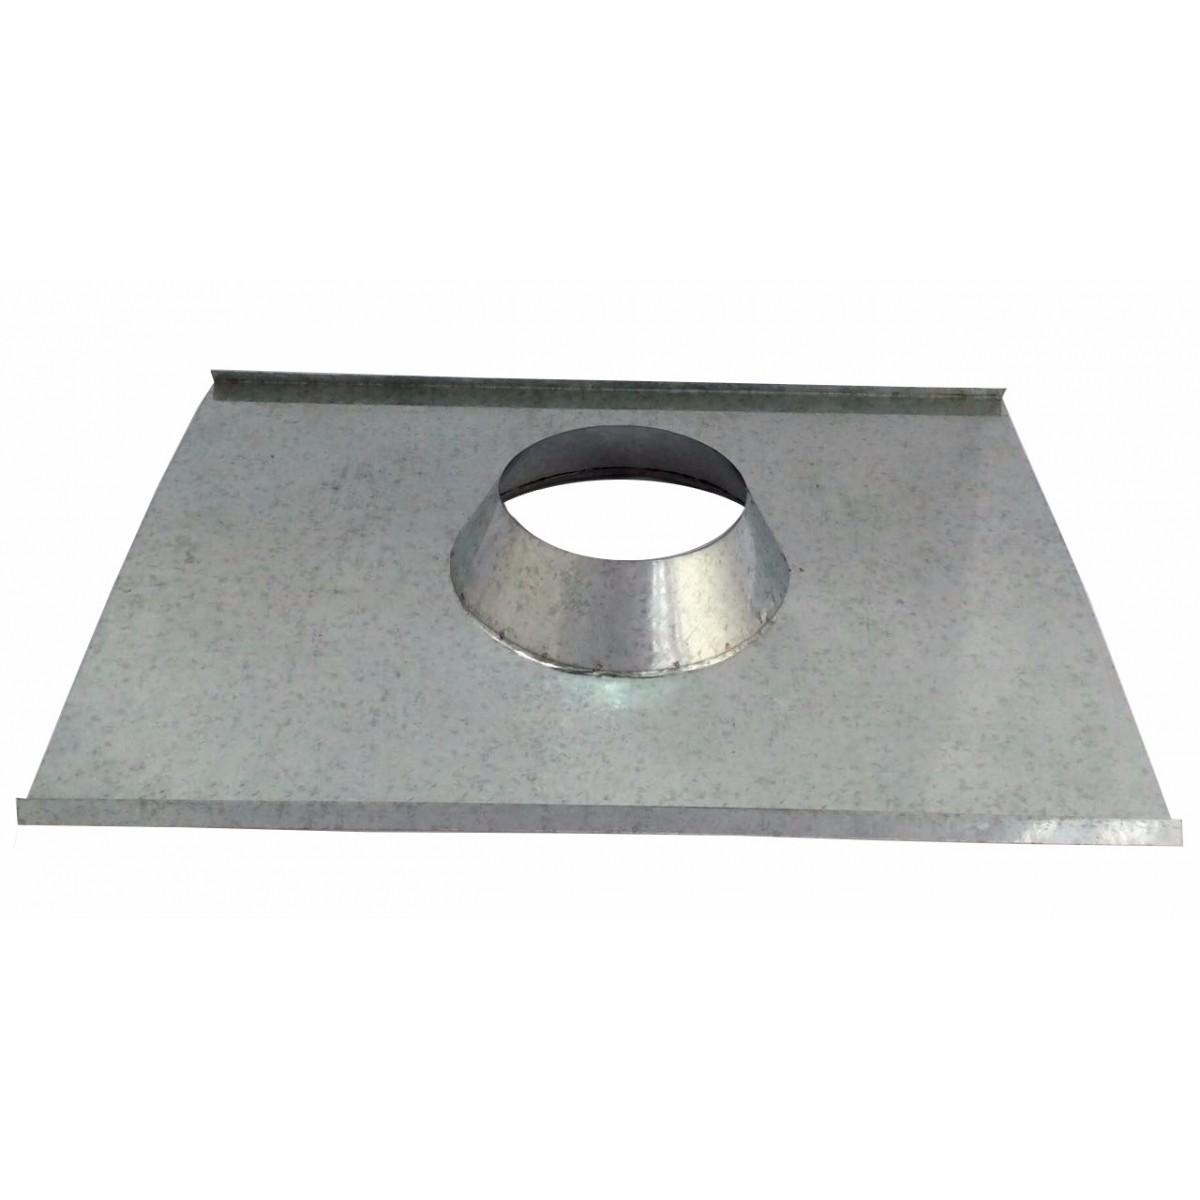 Rufo colarinho de telhado galvanizado para chaminé de 200 mm de diâmetro  - Galvocalhas